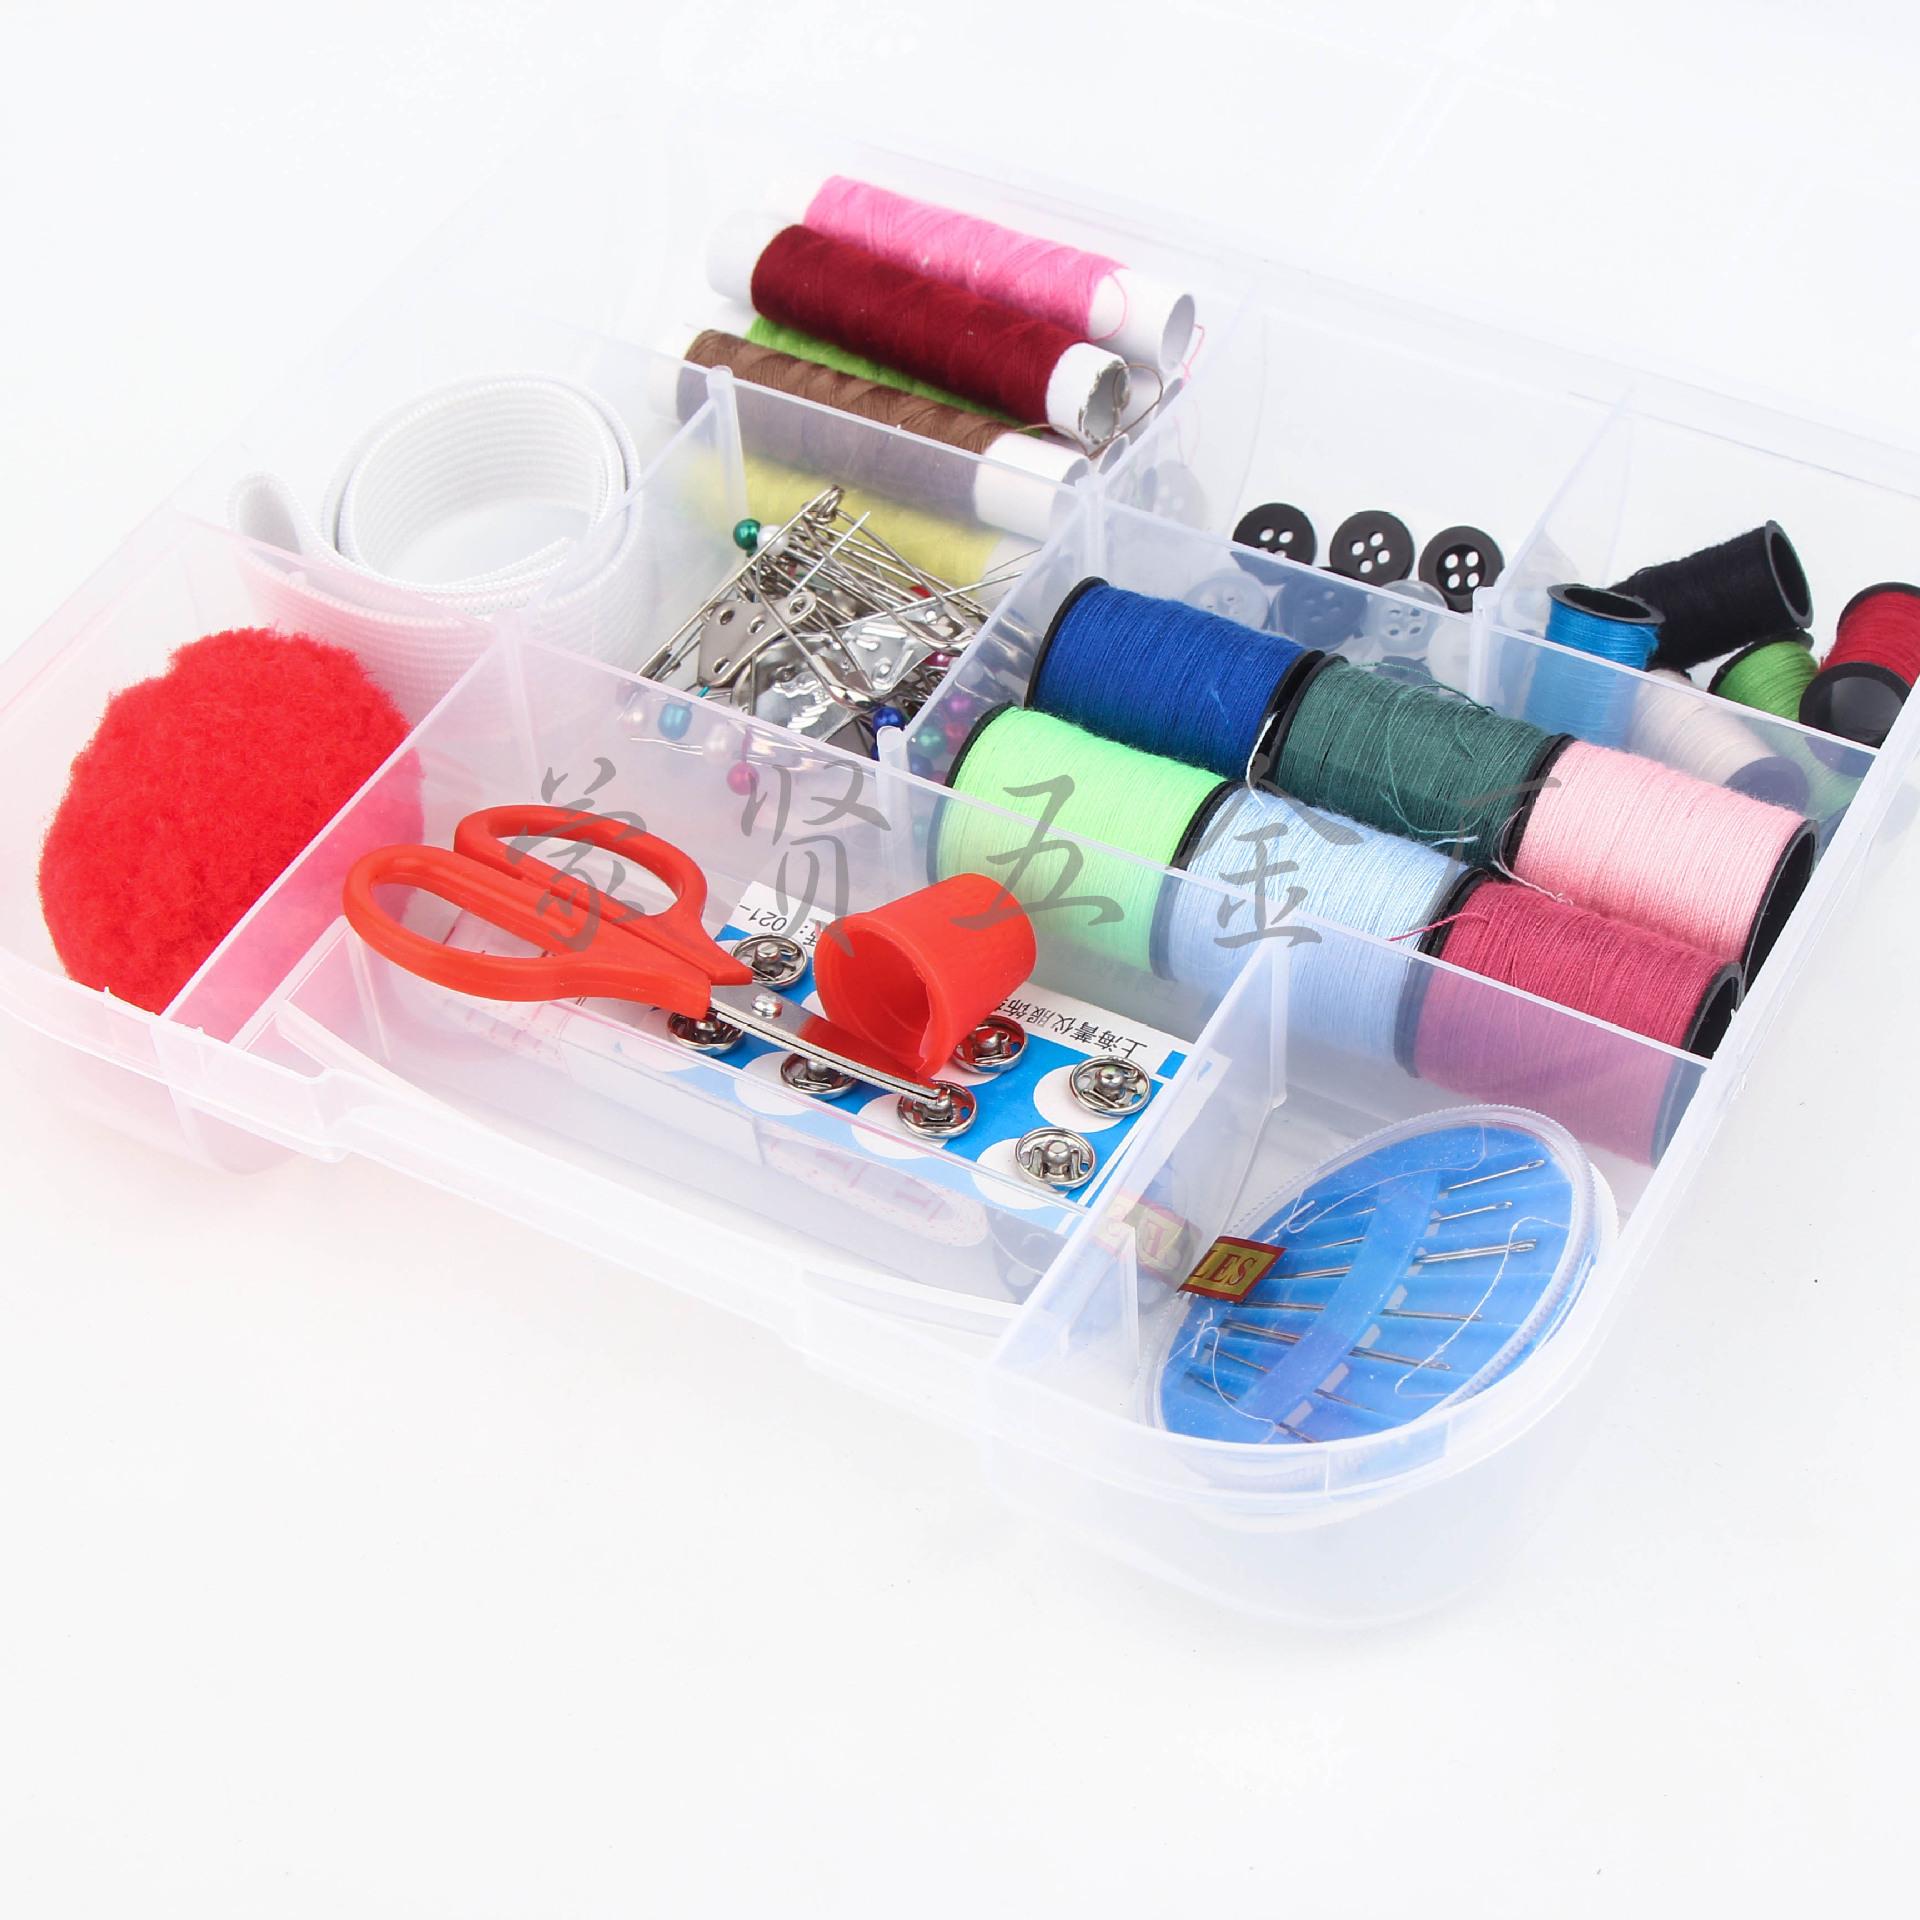 家用便携式针线盒 多功能百宝箱 针线包缝纫包 手提万能盒装